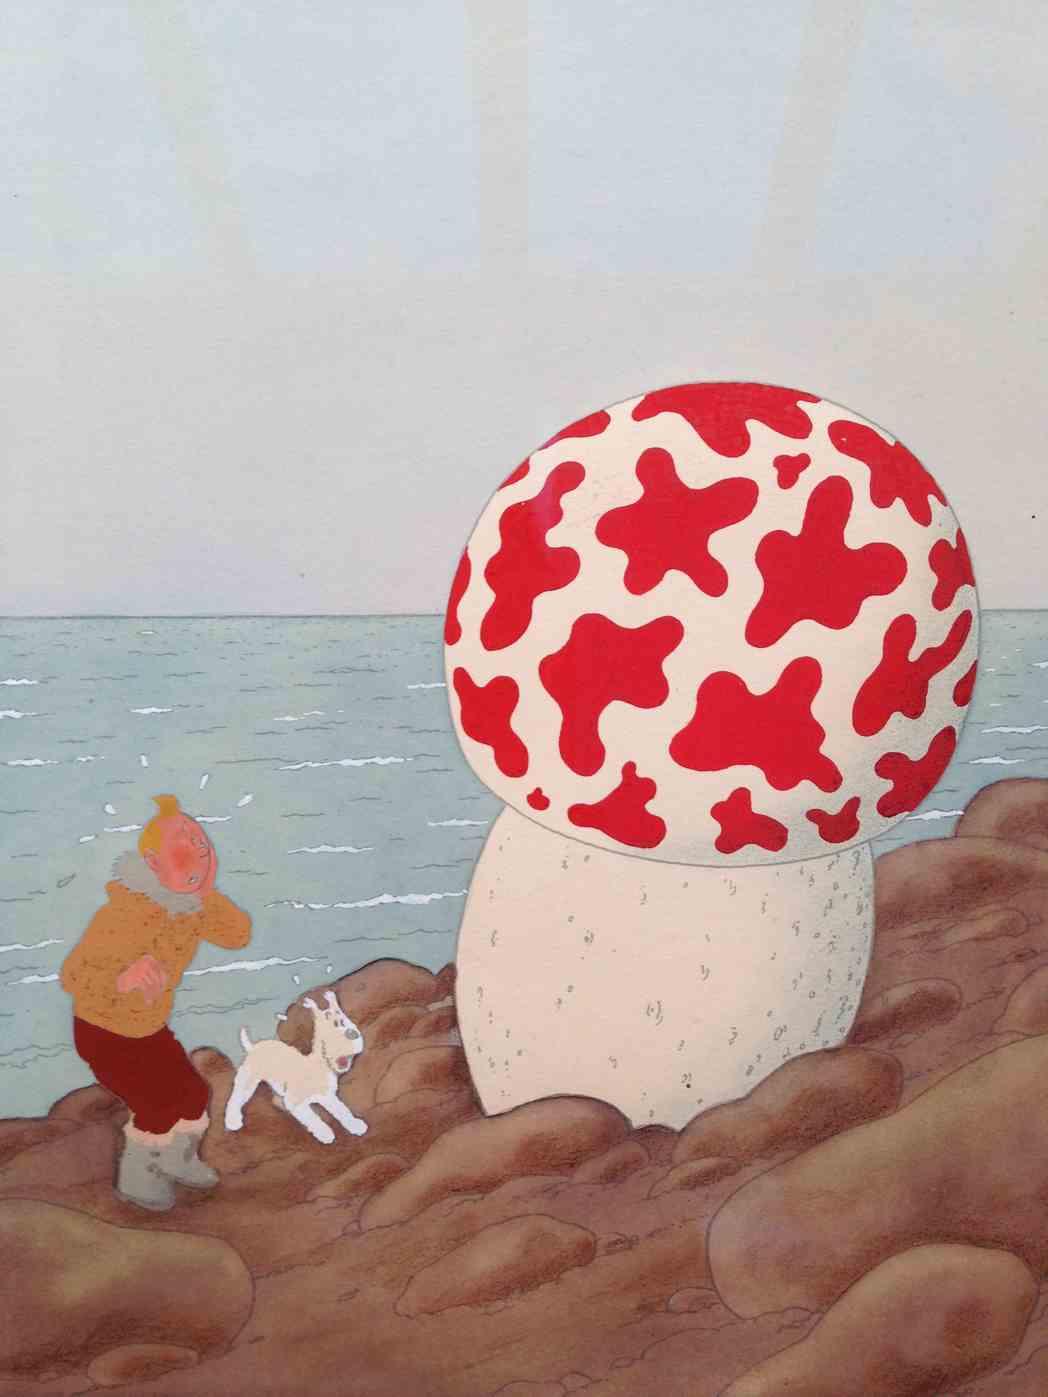 La gouache de mise en couleur fut réalisée par Hergé selon les techniques qui lui étaient familières (gouache, crayon, encre) en même temps que les gouaches des 8 grandes images, en juin 1942.